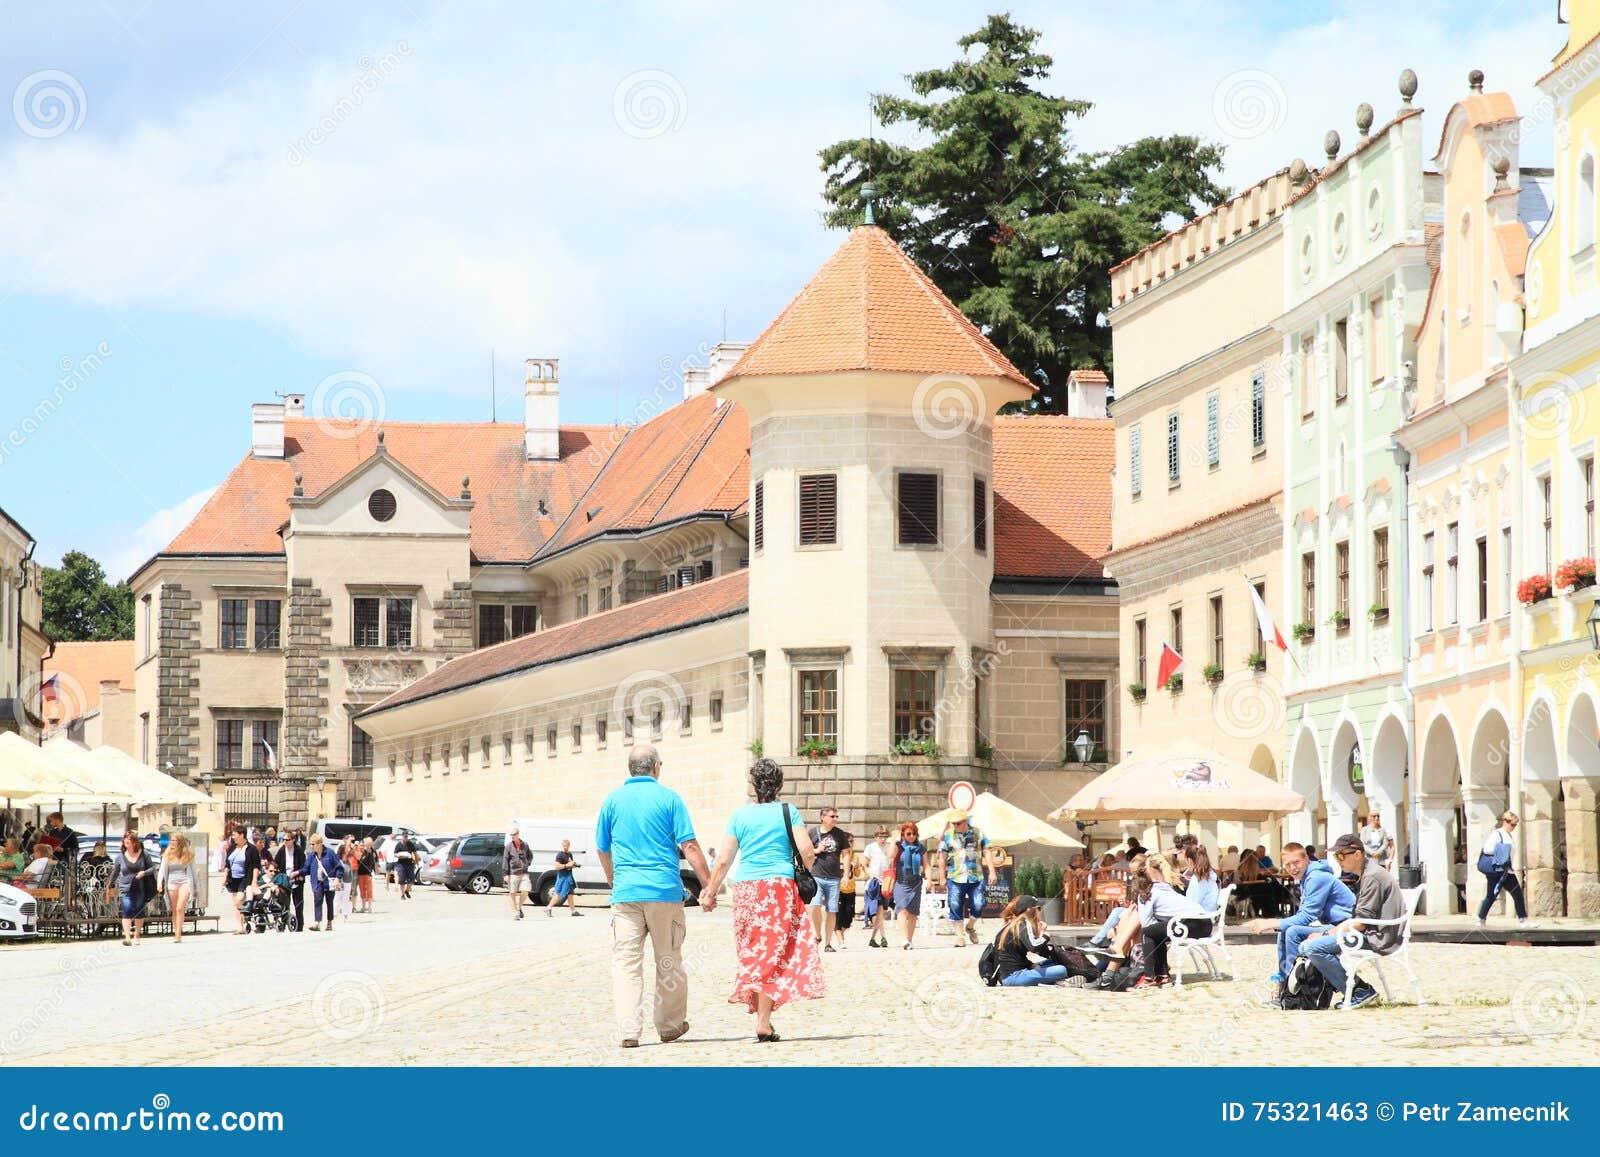 Castle in Telc